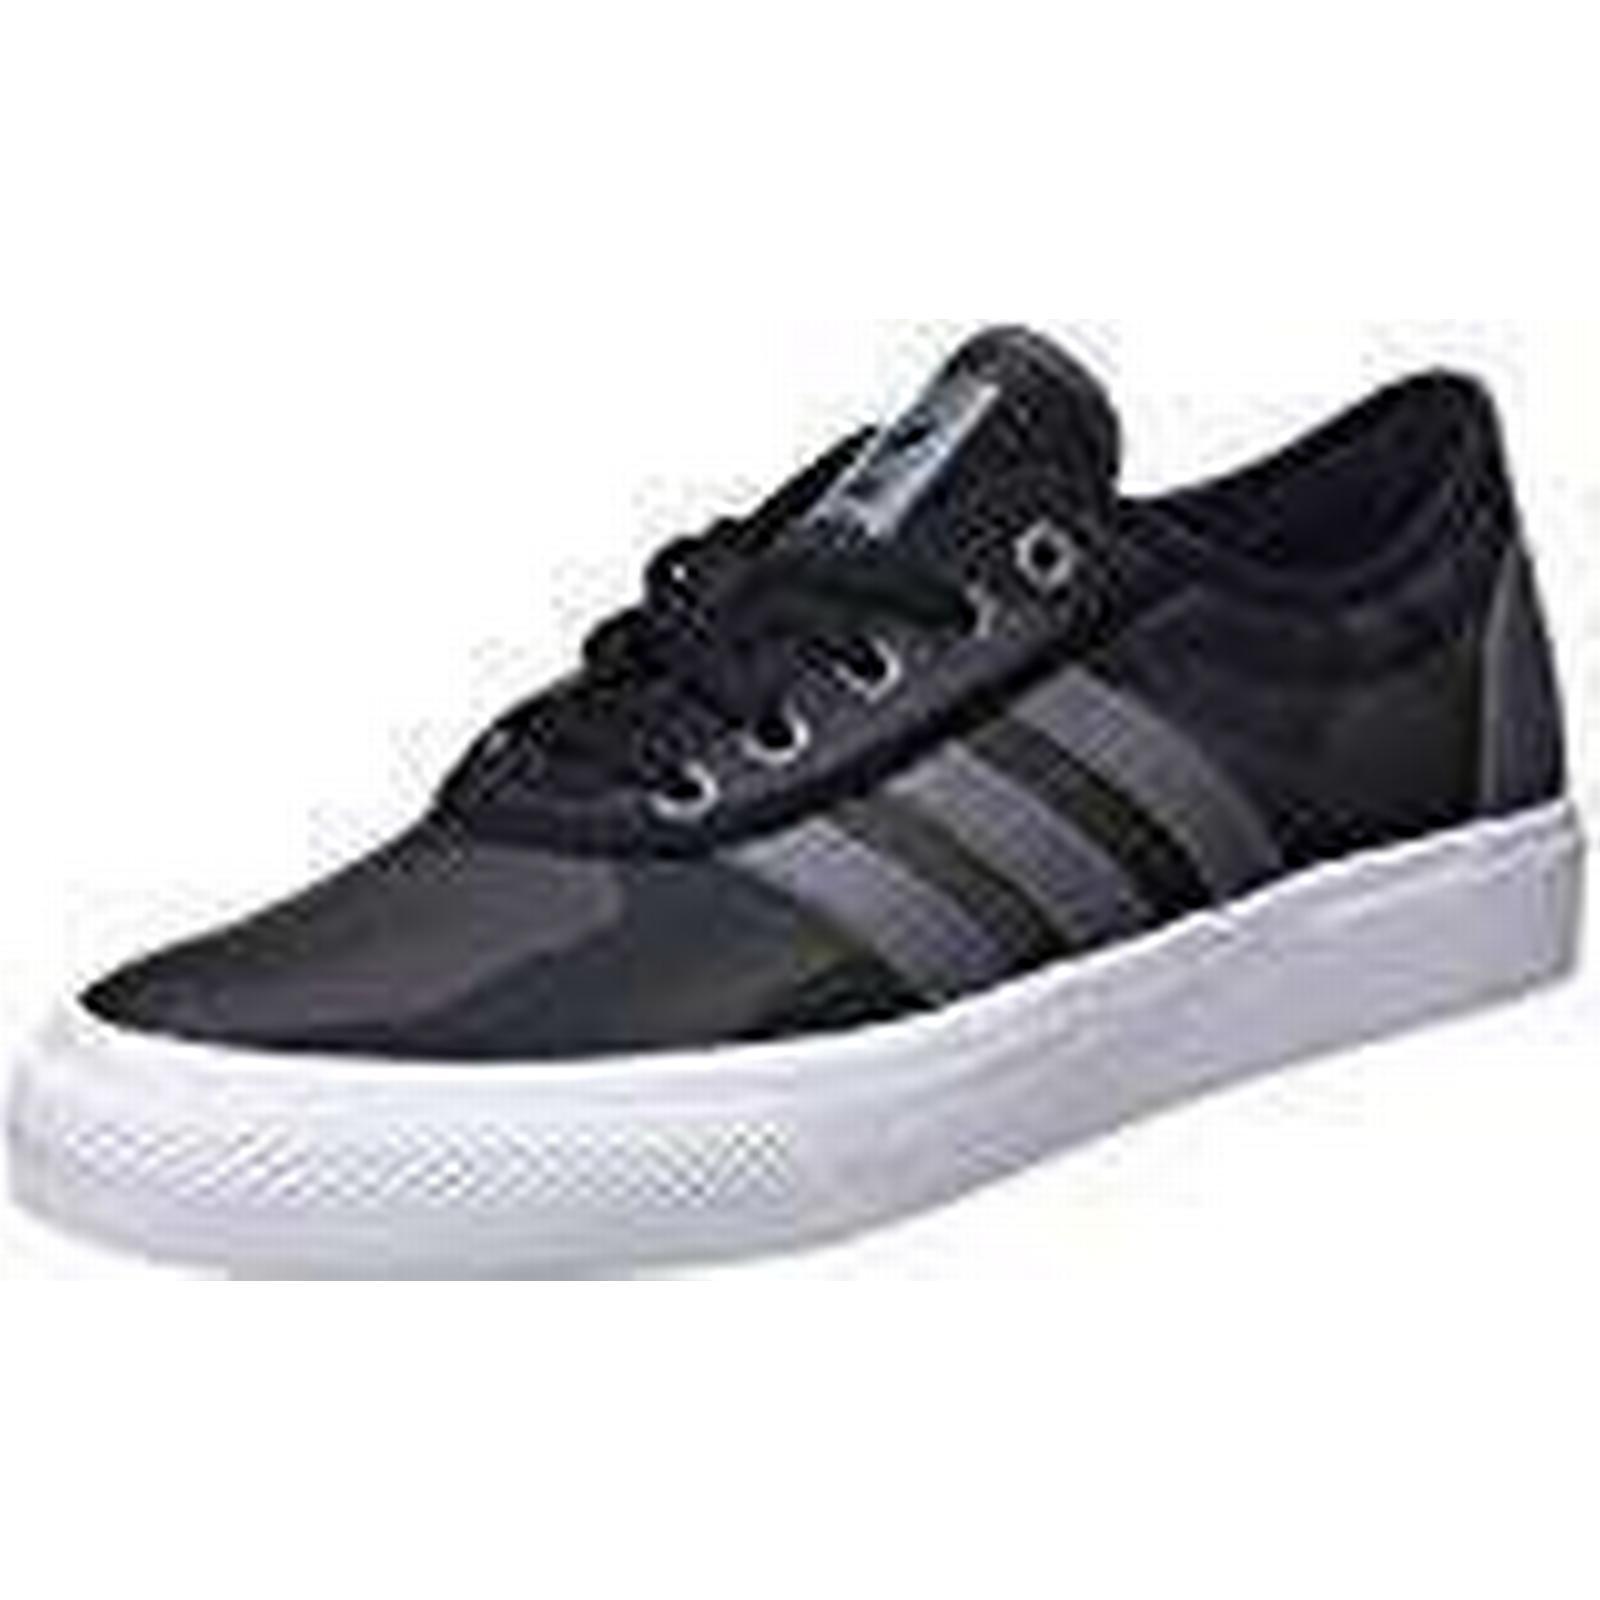 Adidas Men''s Cblack/Dgsogr/Ftwwht, Adi-Ease Skateboarding Shoes, Black Cblack/Dgsogr/Ftwwht, Men''s 11 UK 11 UK 8e4abb